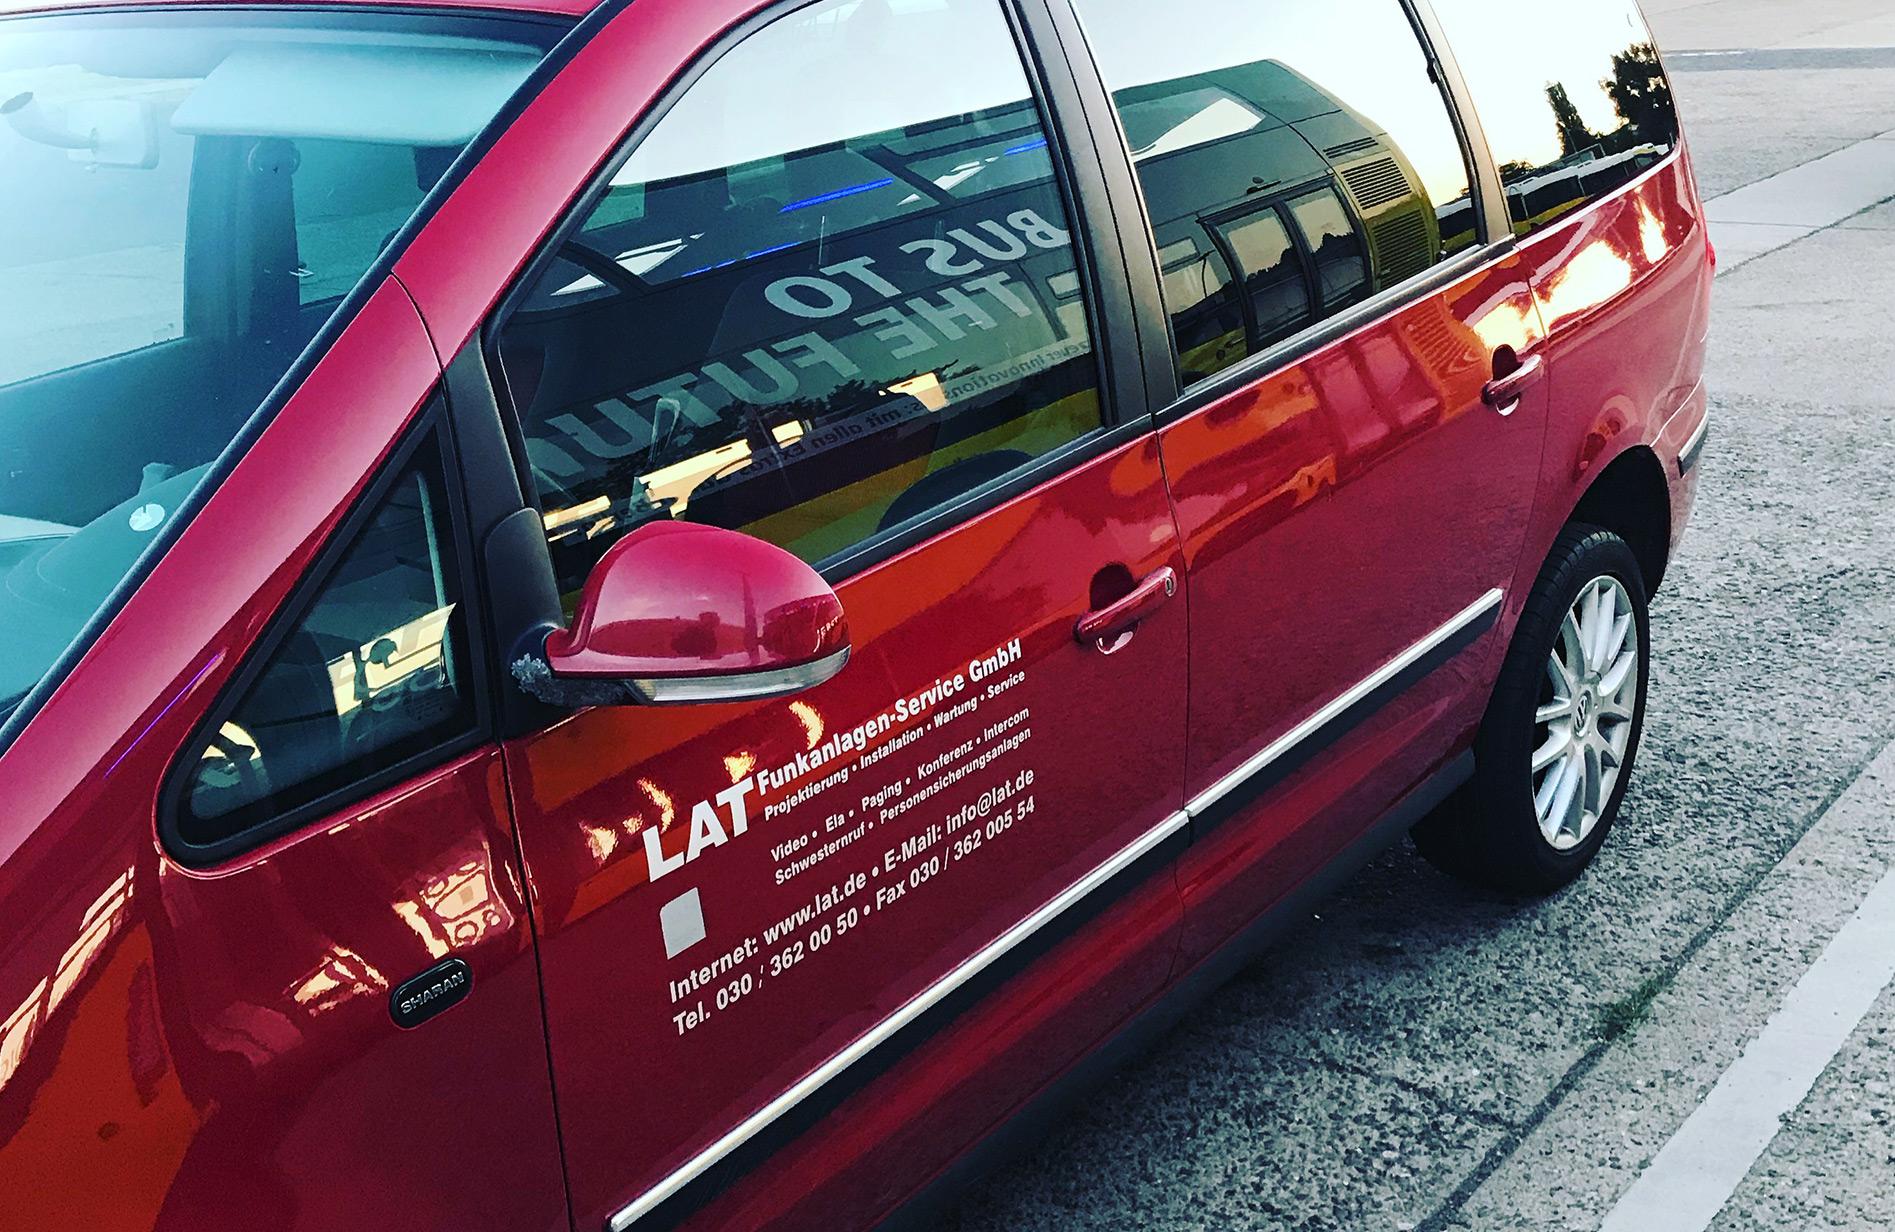 Im Fenster eines LAT Autos der Funkanlagen-Service GmbH spiegelt sich der Schriftzug des Innovationsbusses